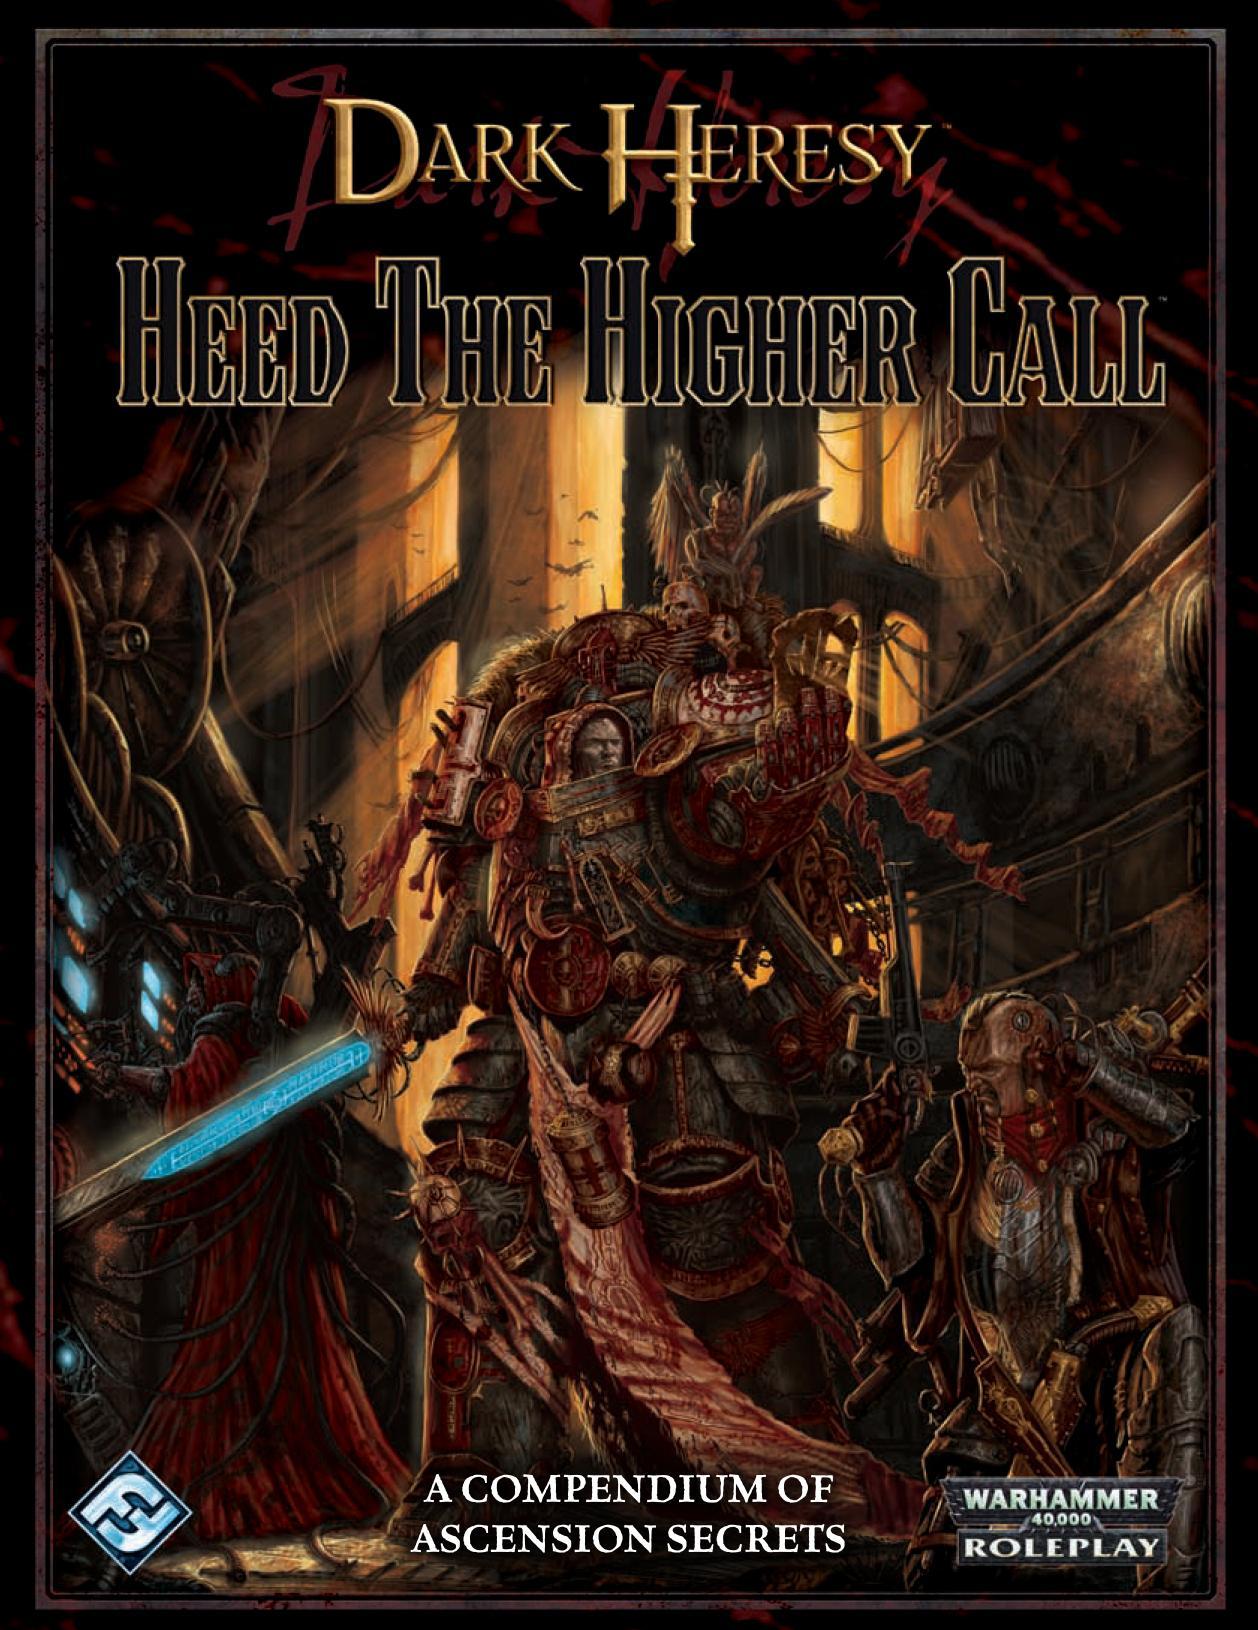 Horus Heresy (fictional event)